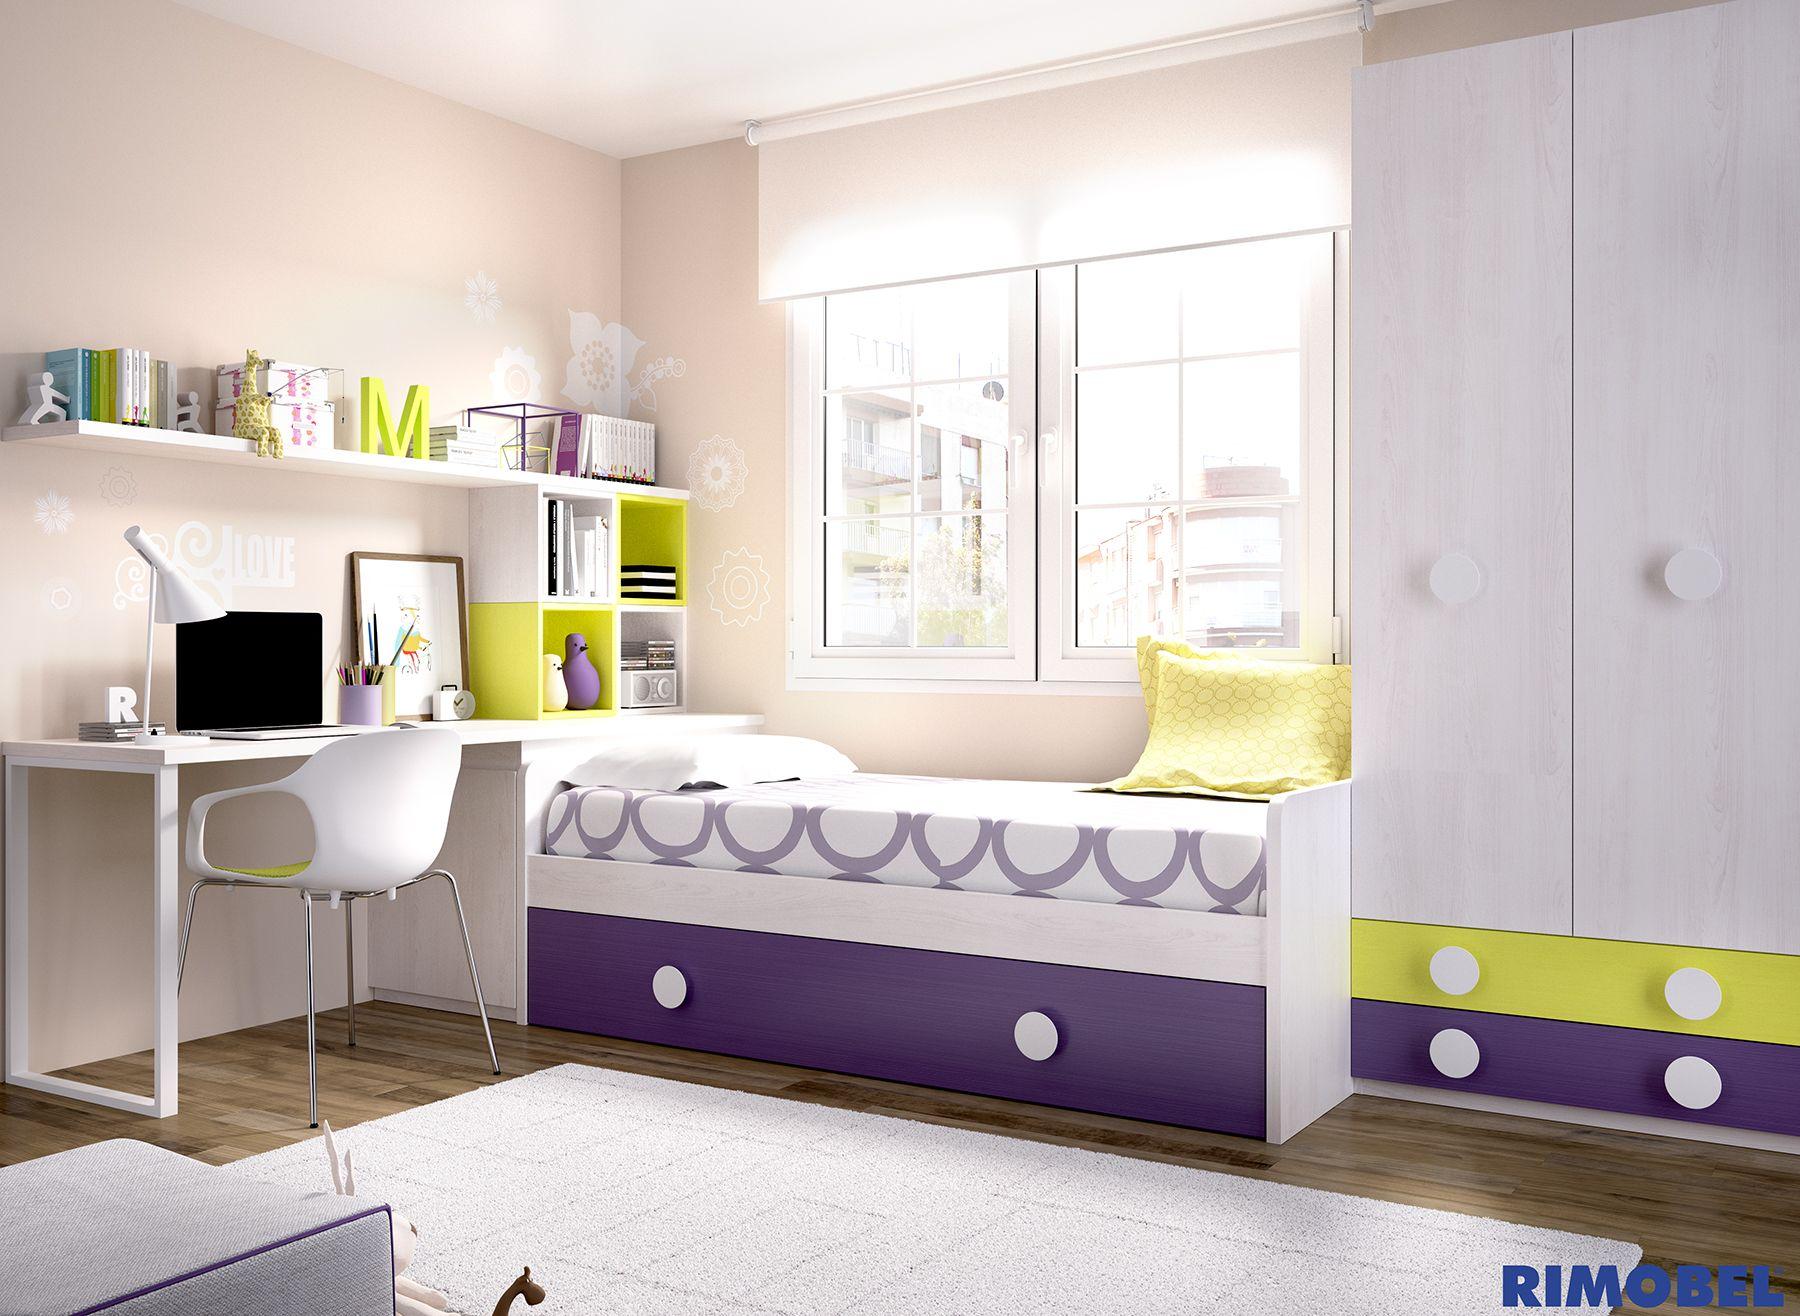 h 250 habitaci n juvenil con un arc n juguetero cama nido